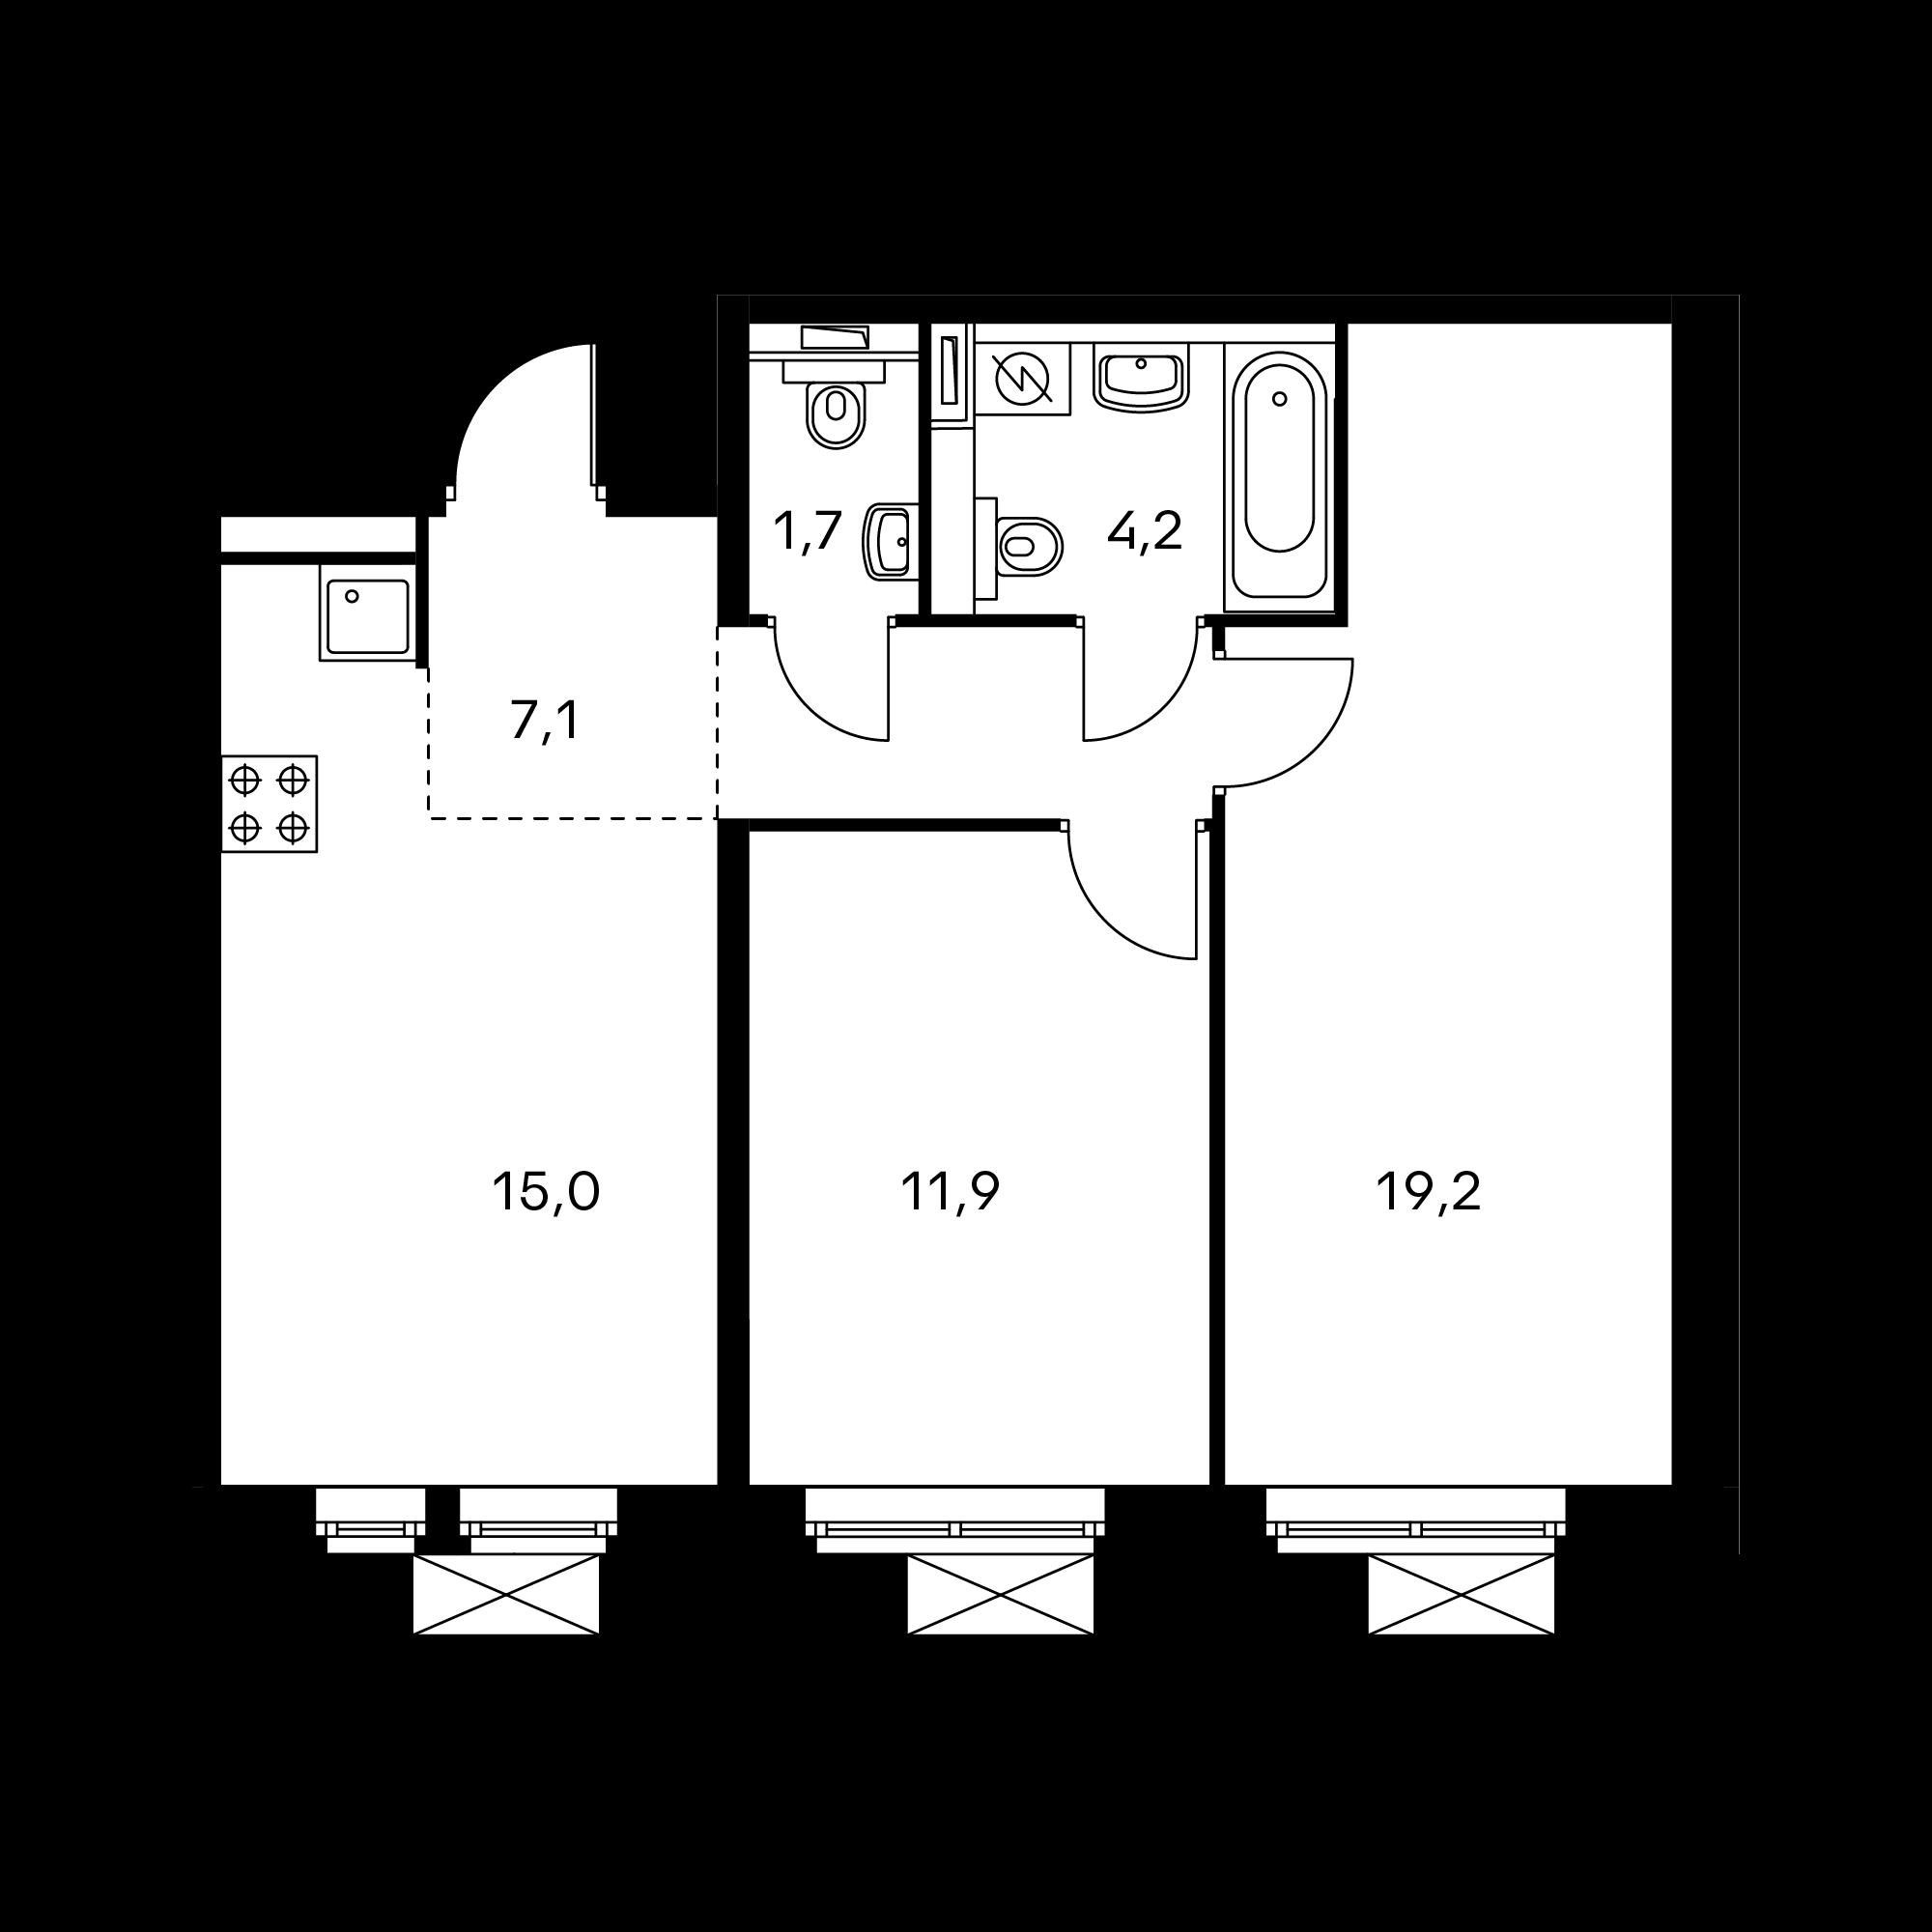 2EM5_9.3-2_S_A1